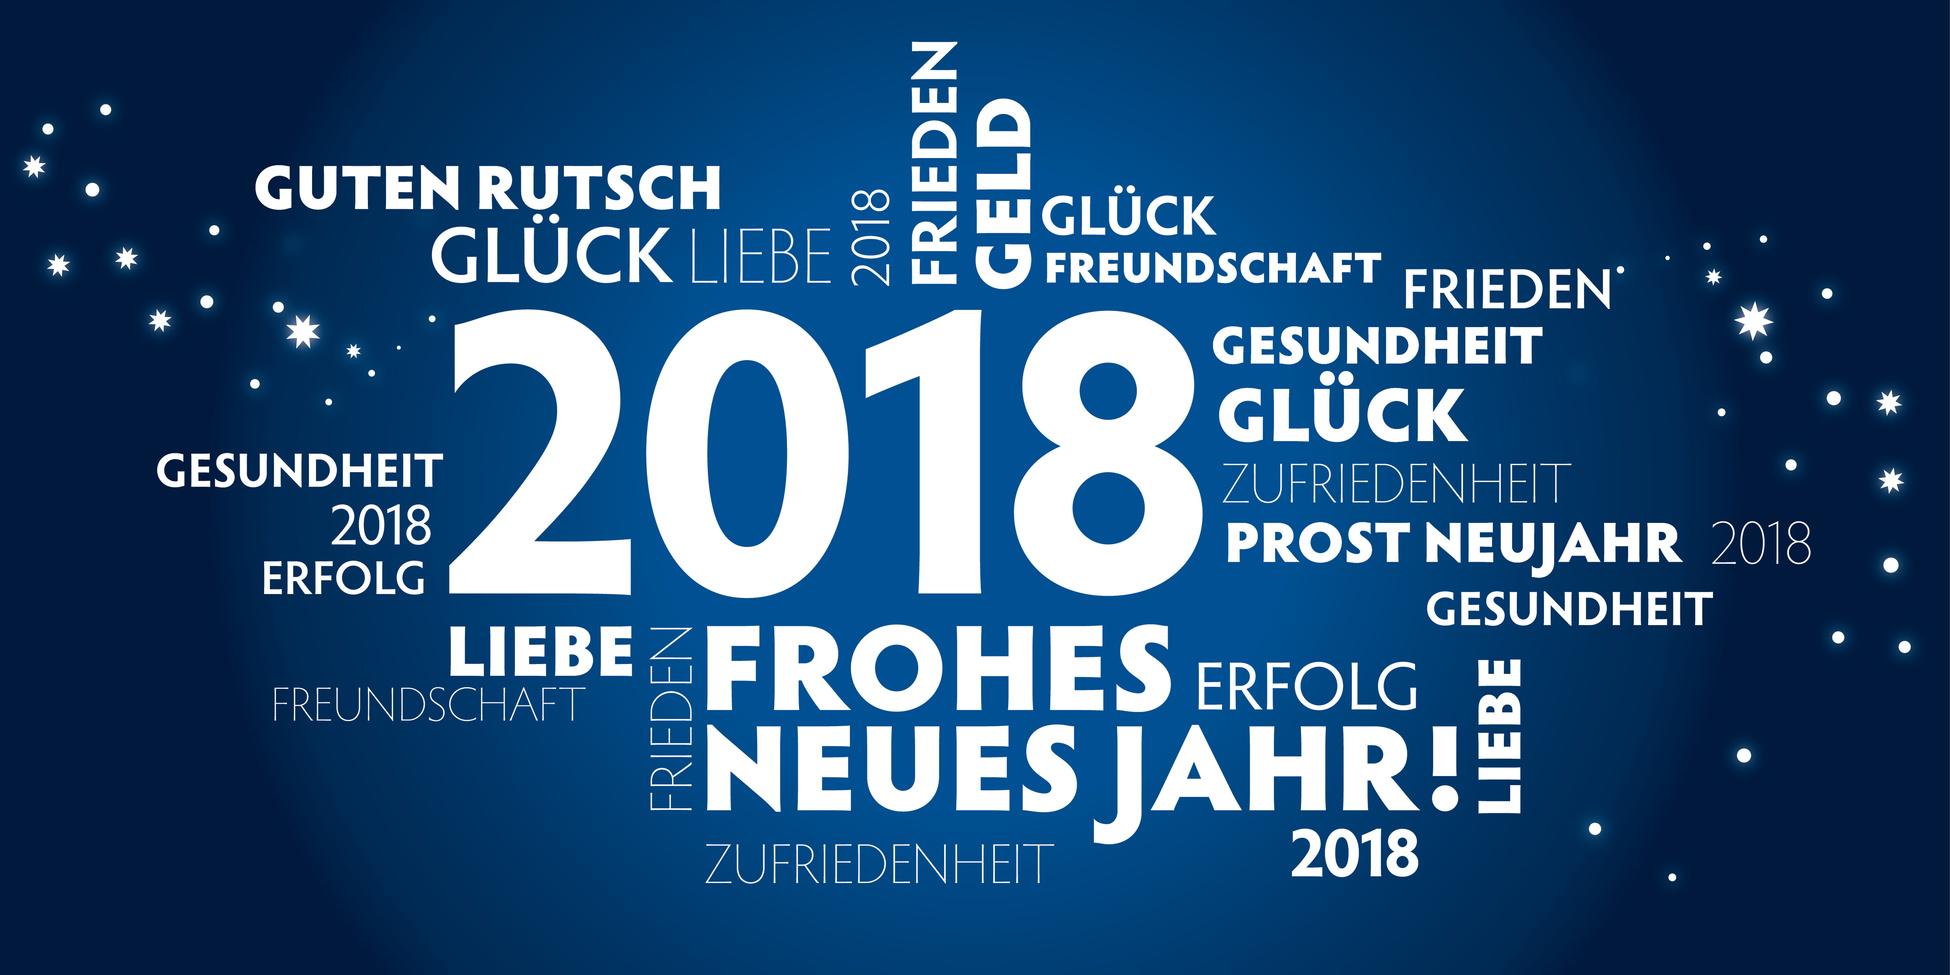 Wir wünschen Euch ein Frohes Neues Jahr 2018!